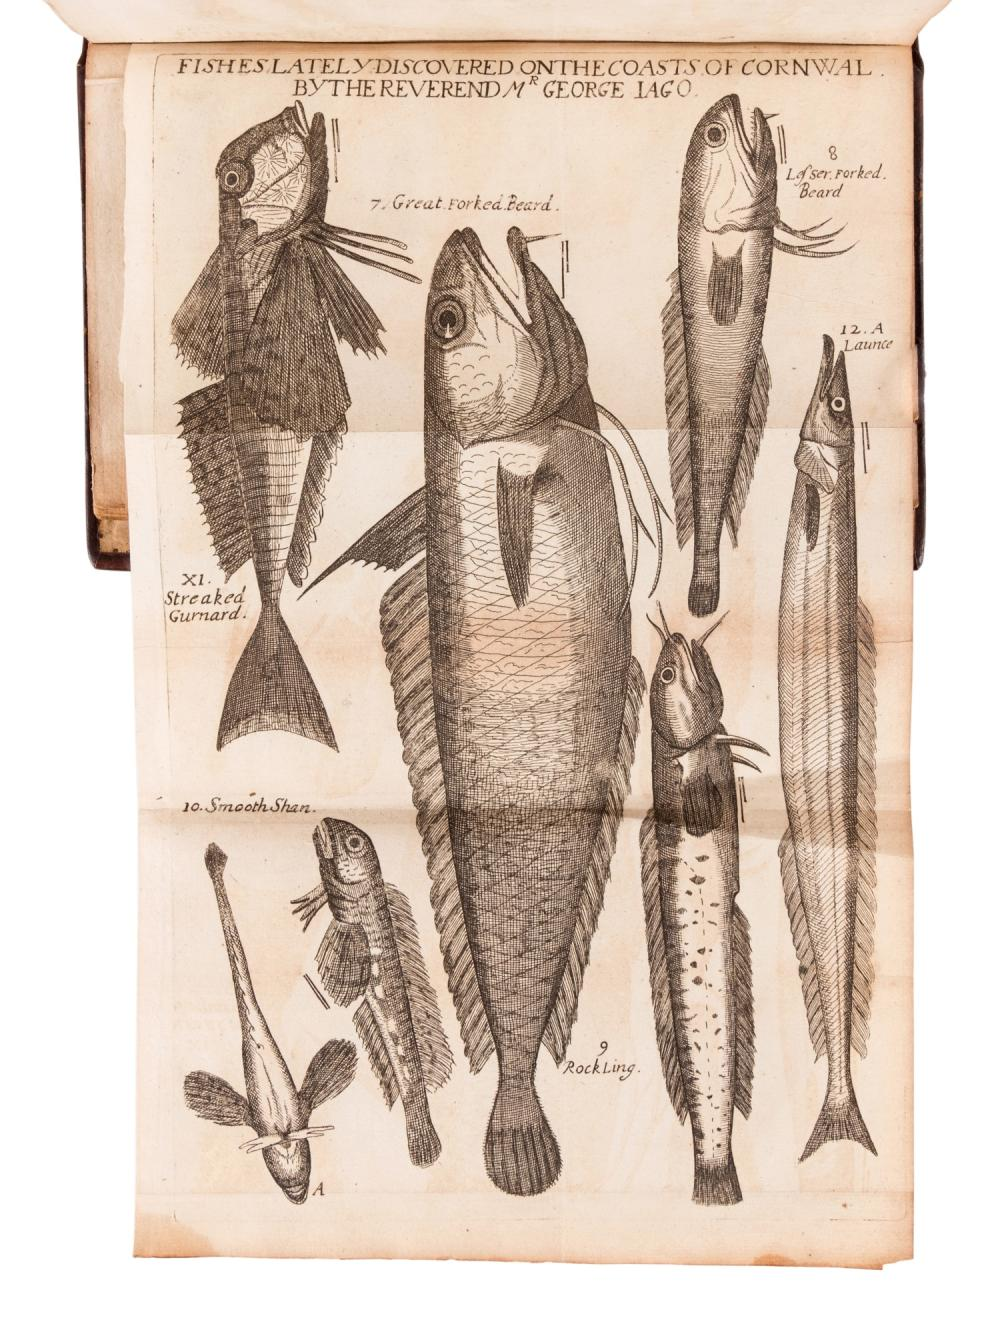 RAY, John (1628-1705). Synopsis Methodica Avium & Piscium. London: William Innys, 1713.